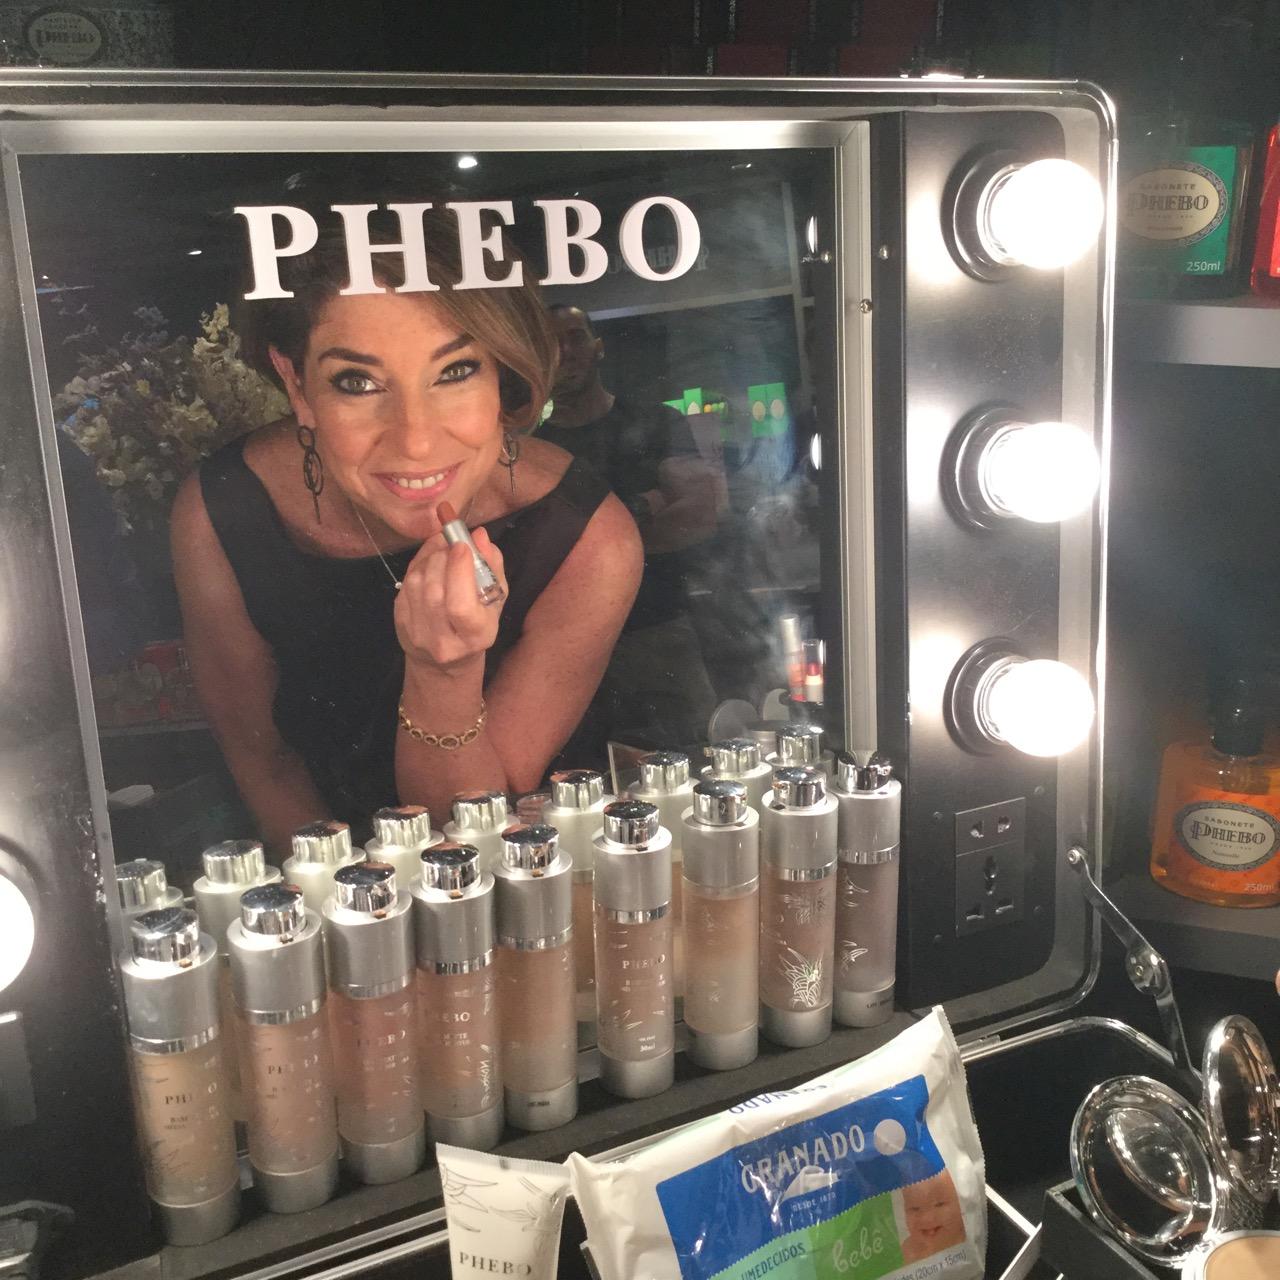 O Mundo Granado Phebo!